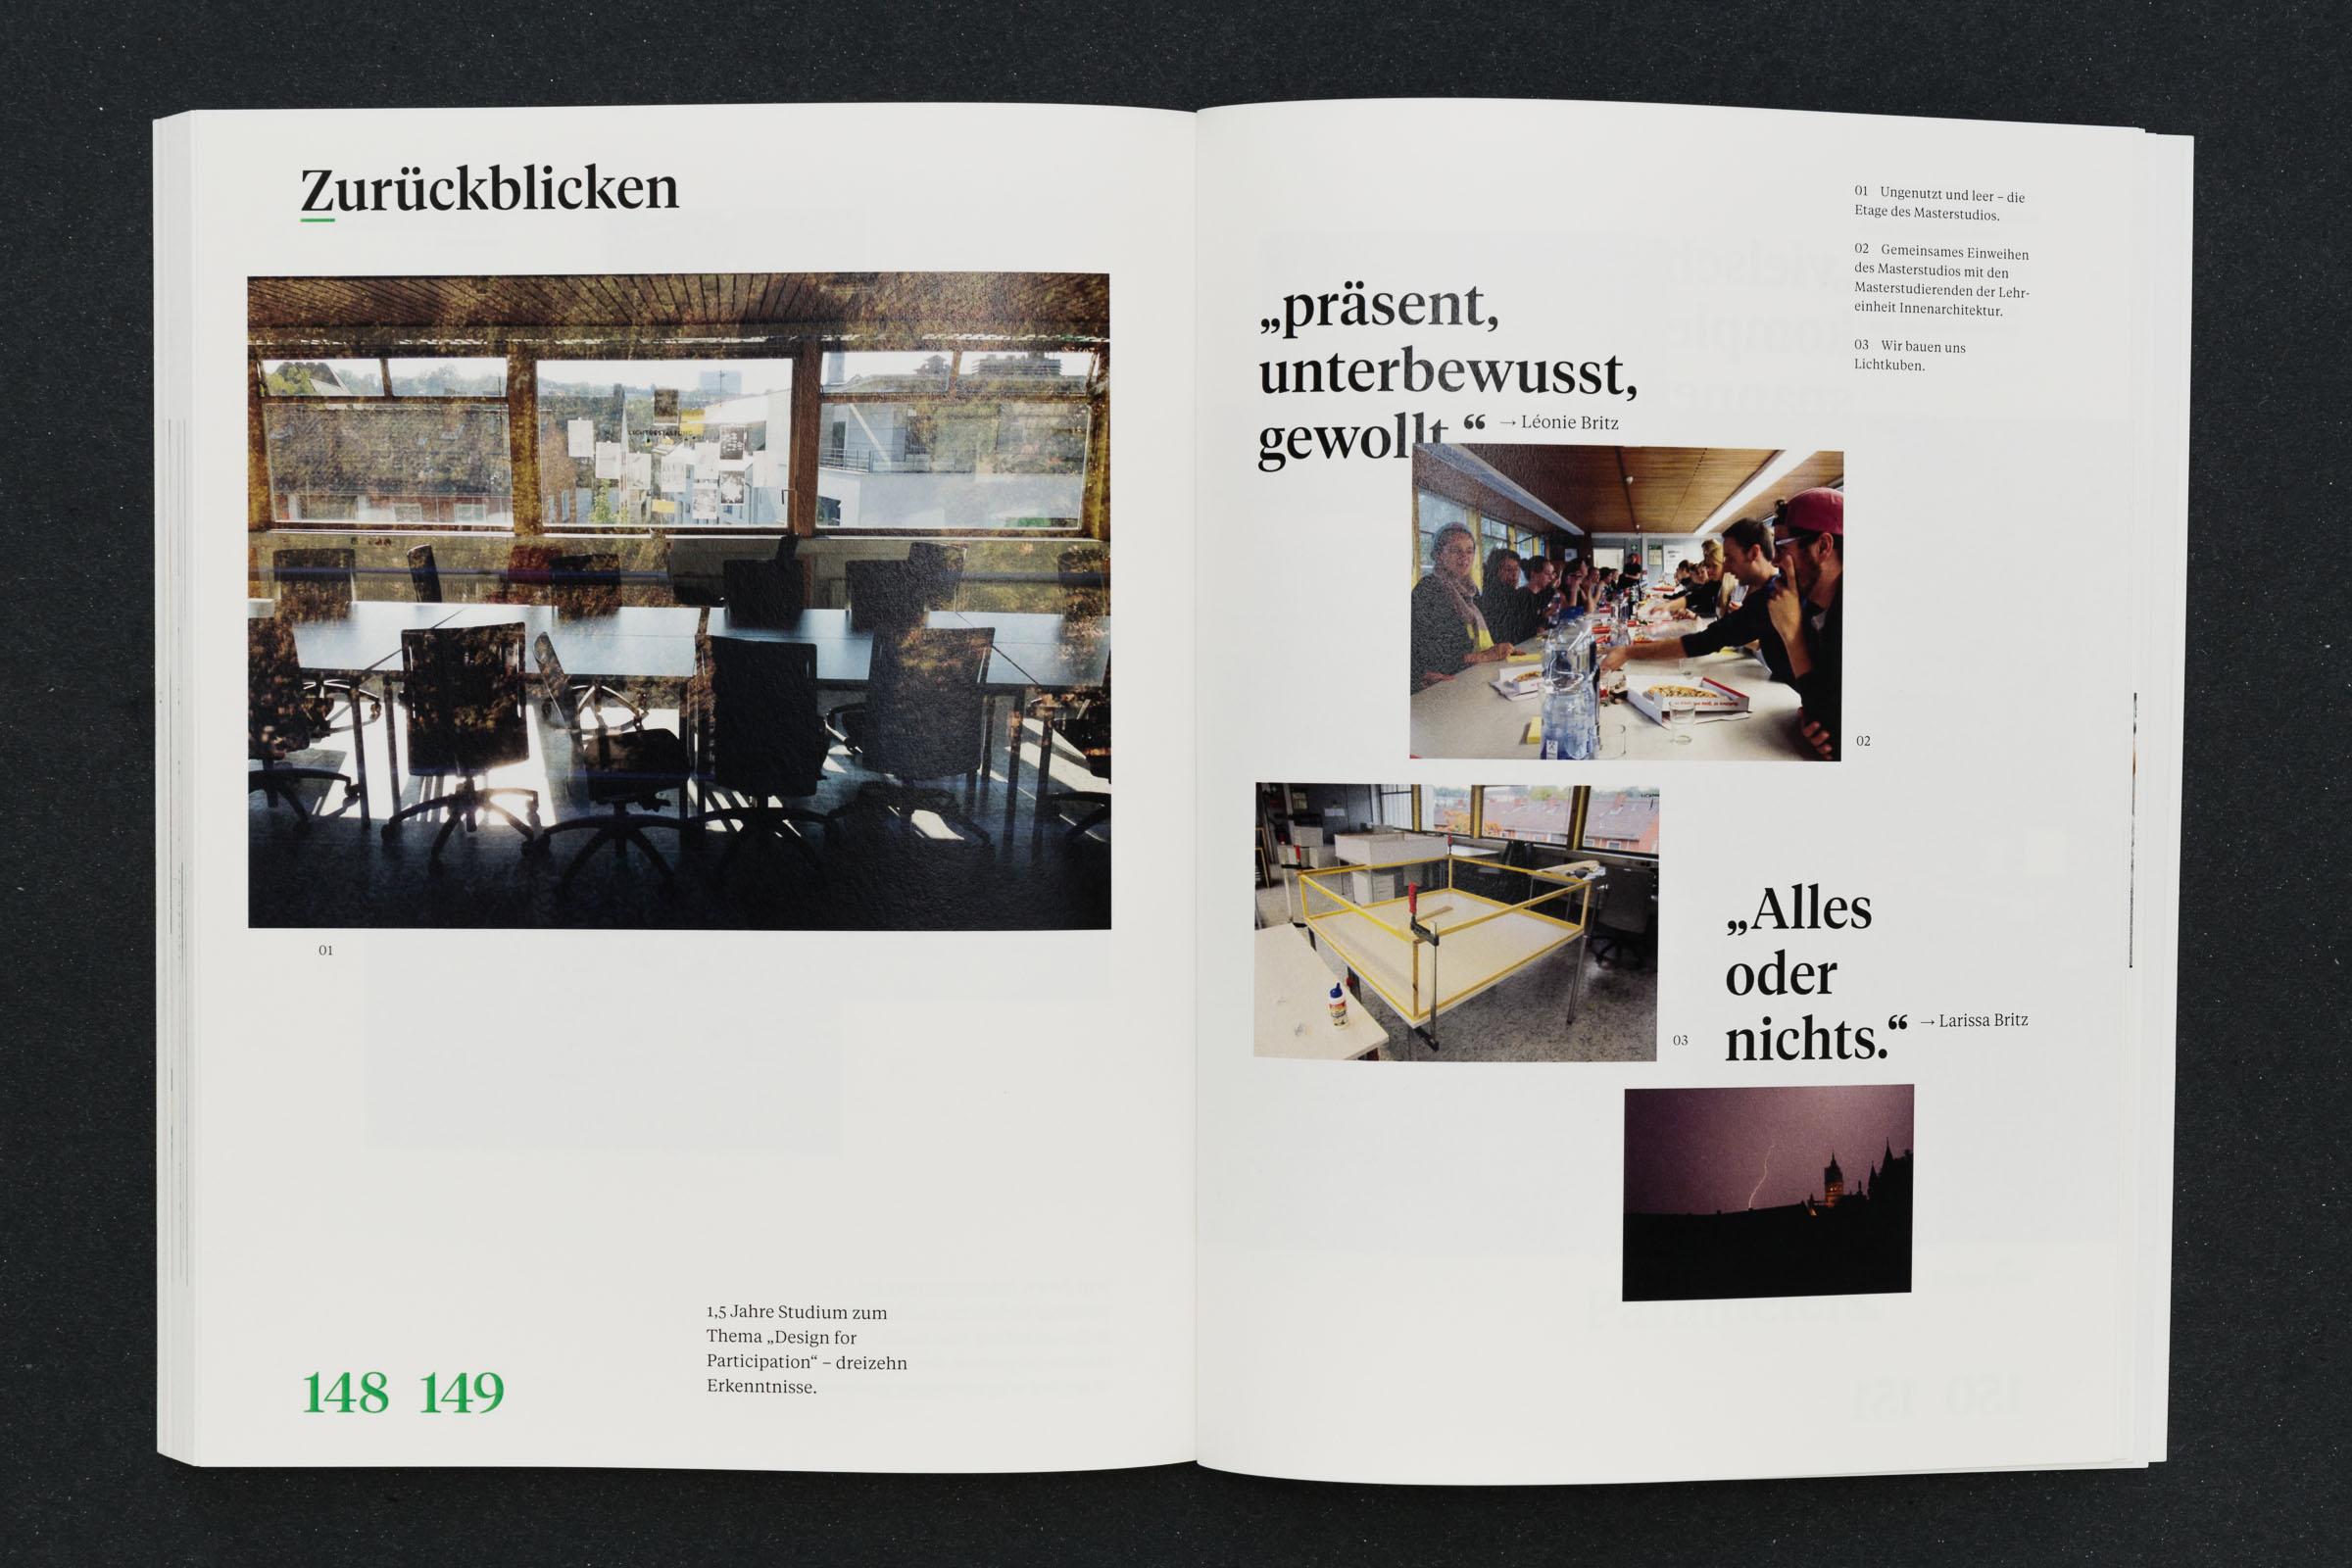 Freie Seitengestaltung mit Bildern Doppelseite freies Layout Werkbericht – Design for Participation © Christian Weber – Büro für Gestaltung und Kommunikation